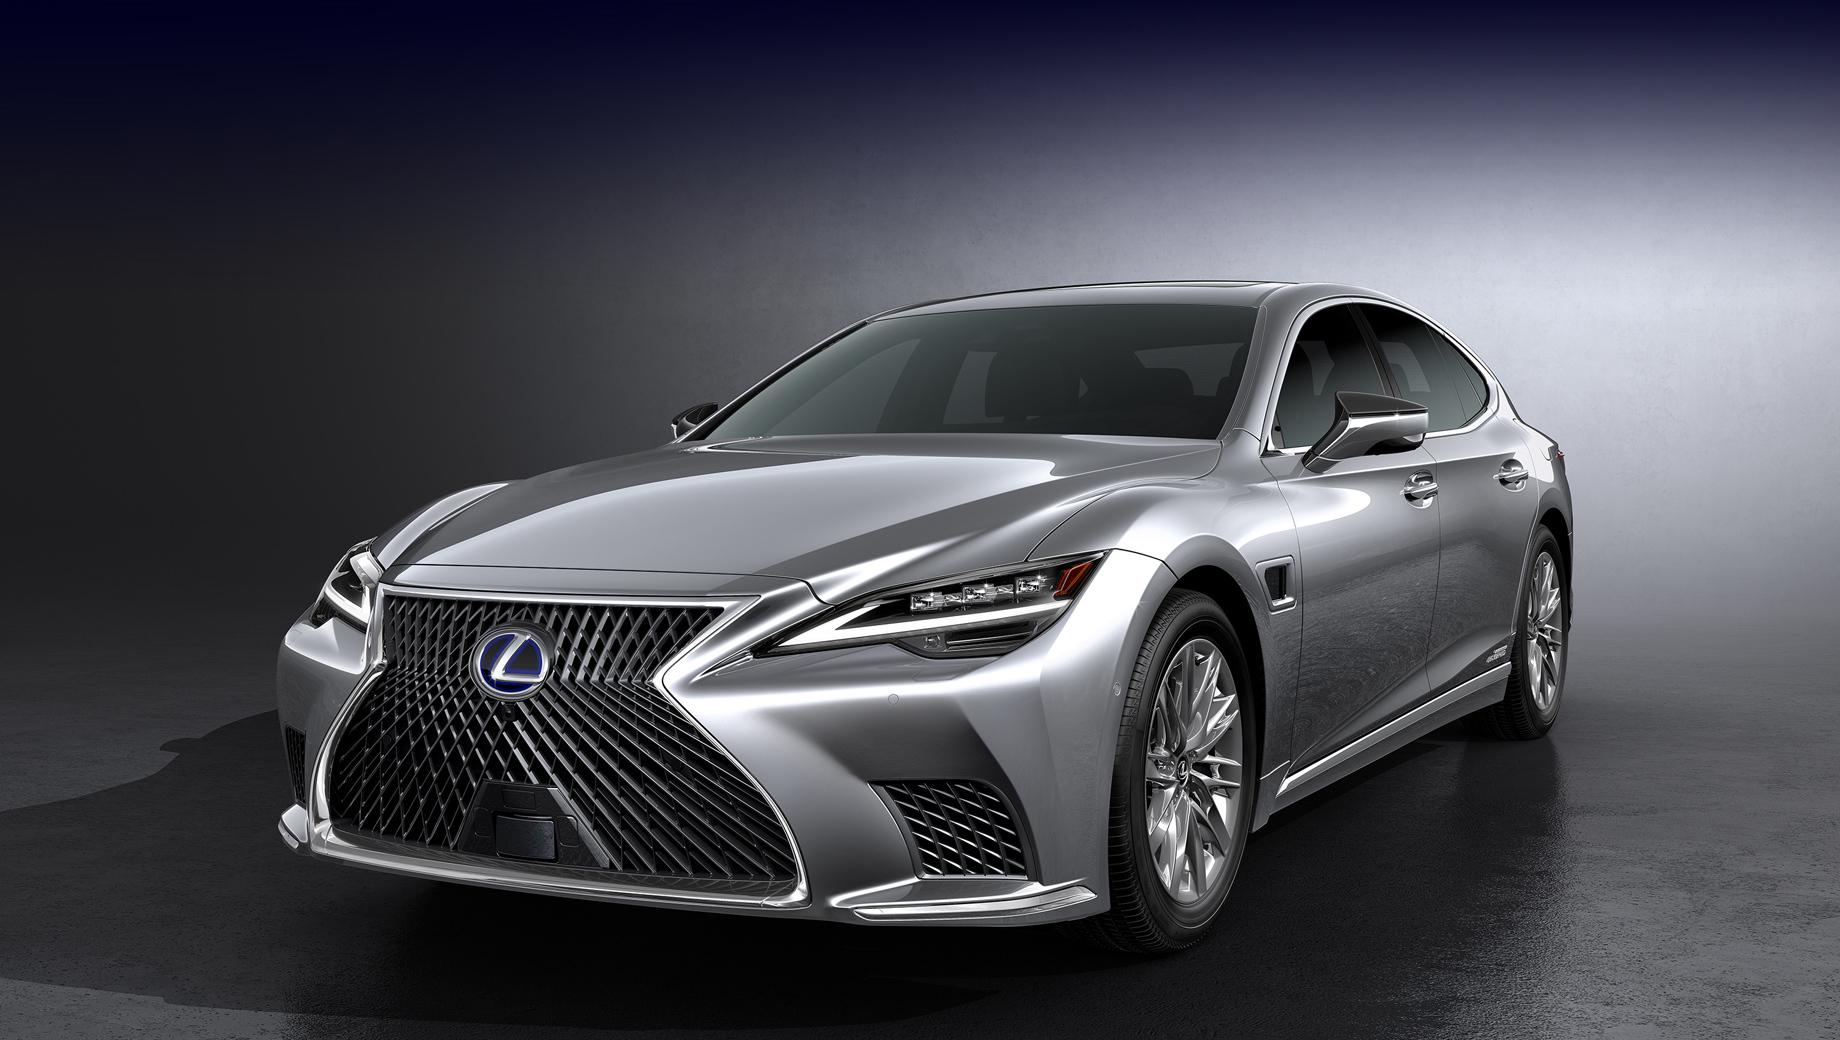 Lexus LS предъявил «фары-сканеры» и продвинутый автопилот